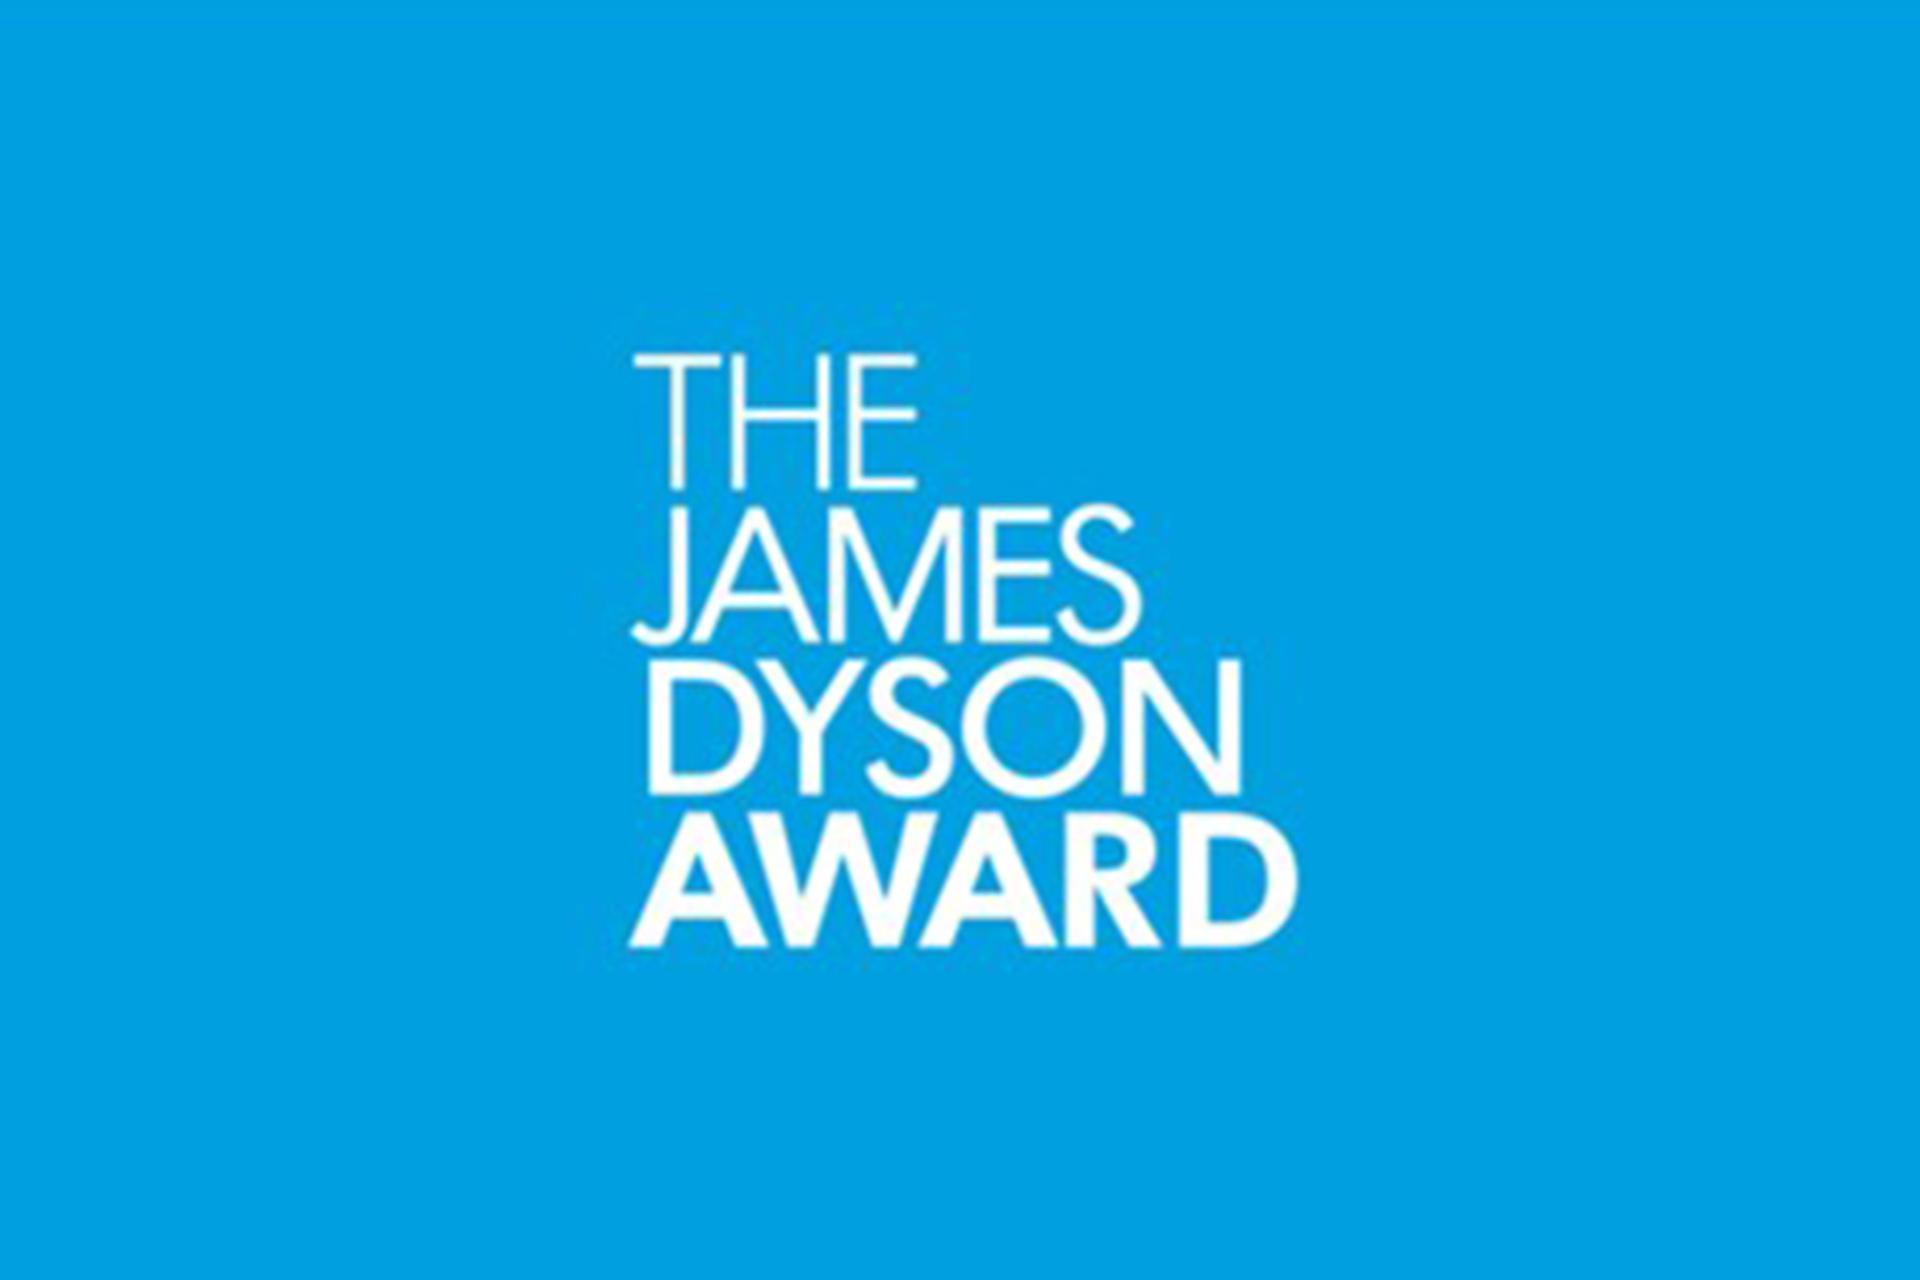 James Dyson Award Entries Open